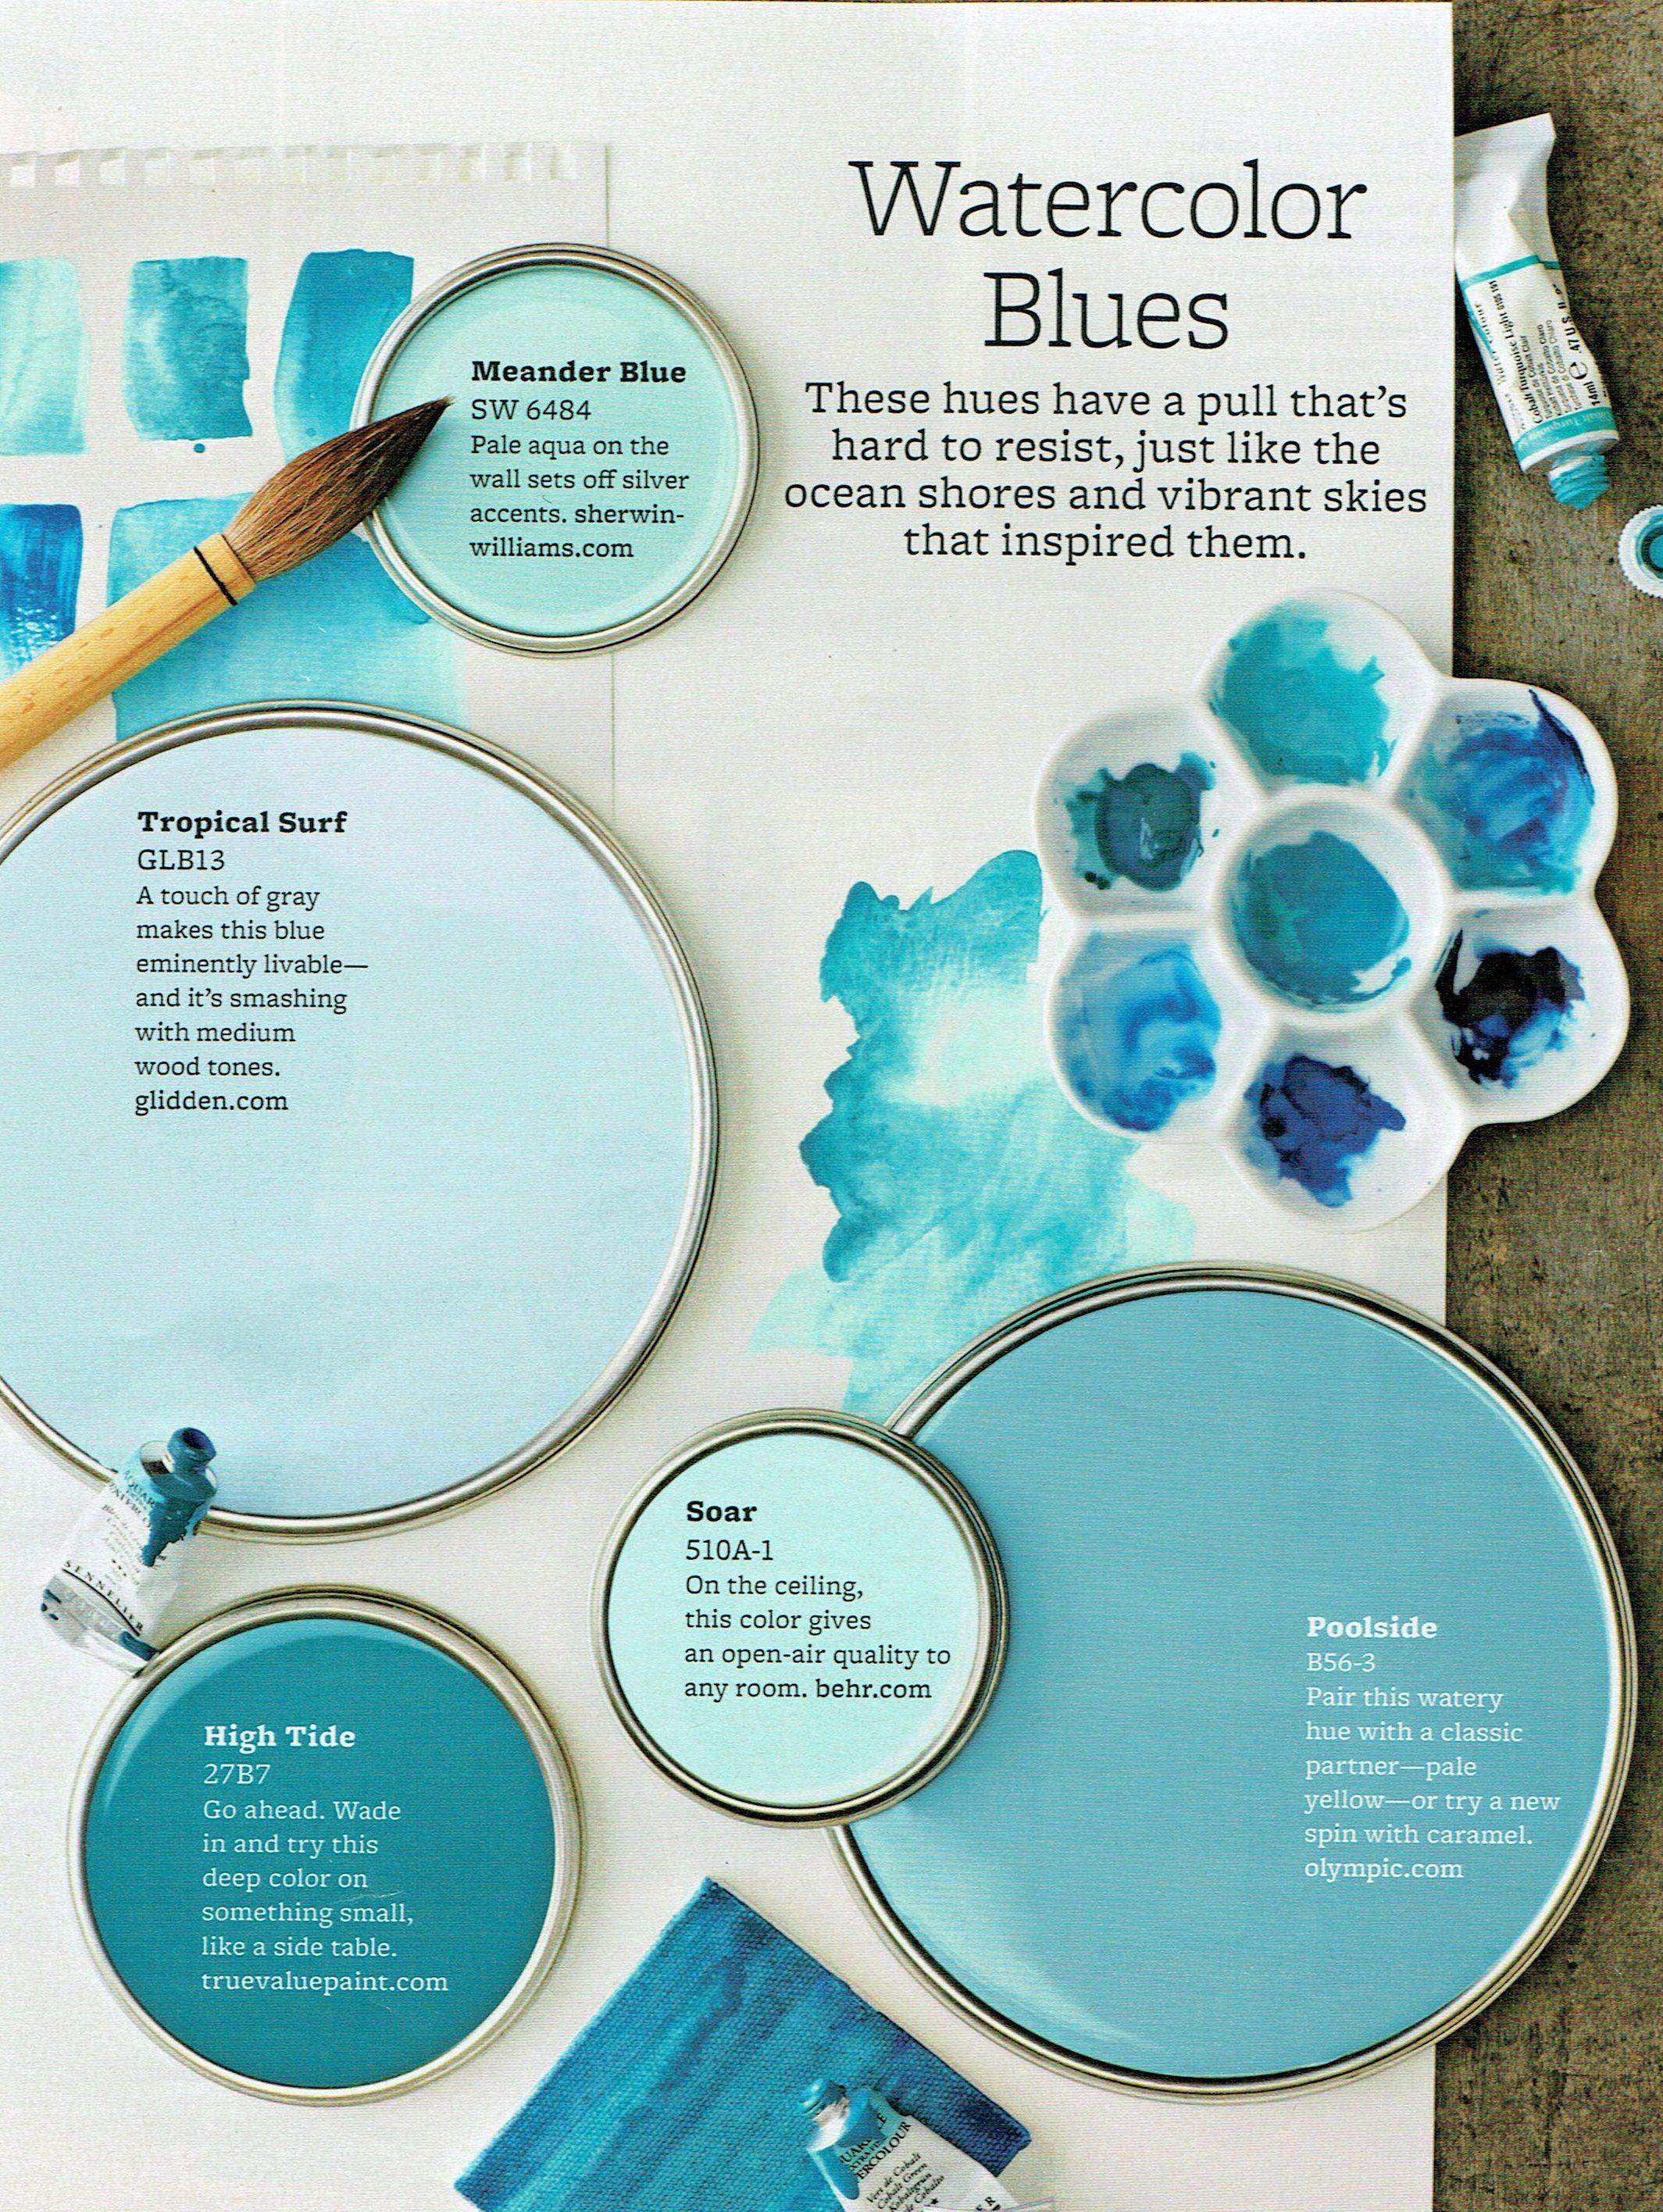 Watercolor Blues Blue Paint Colors Blue Paint Paint Color Schemes